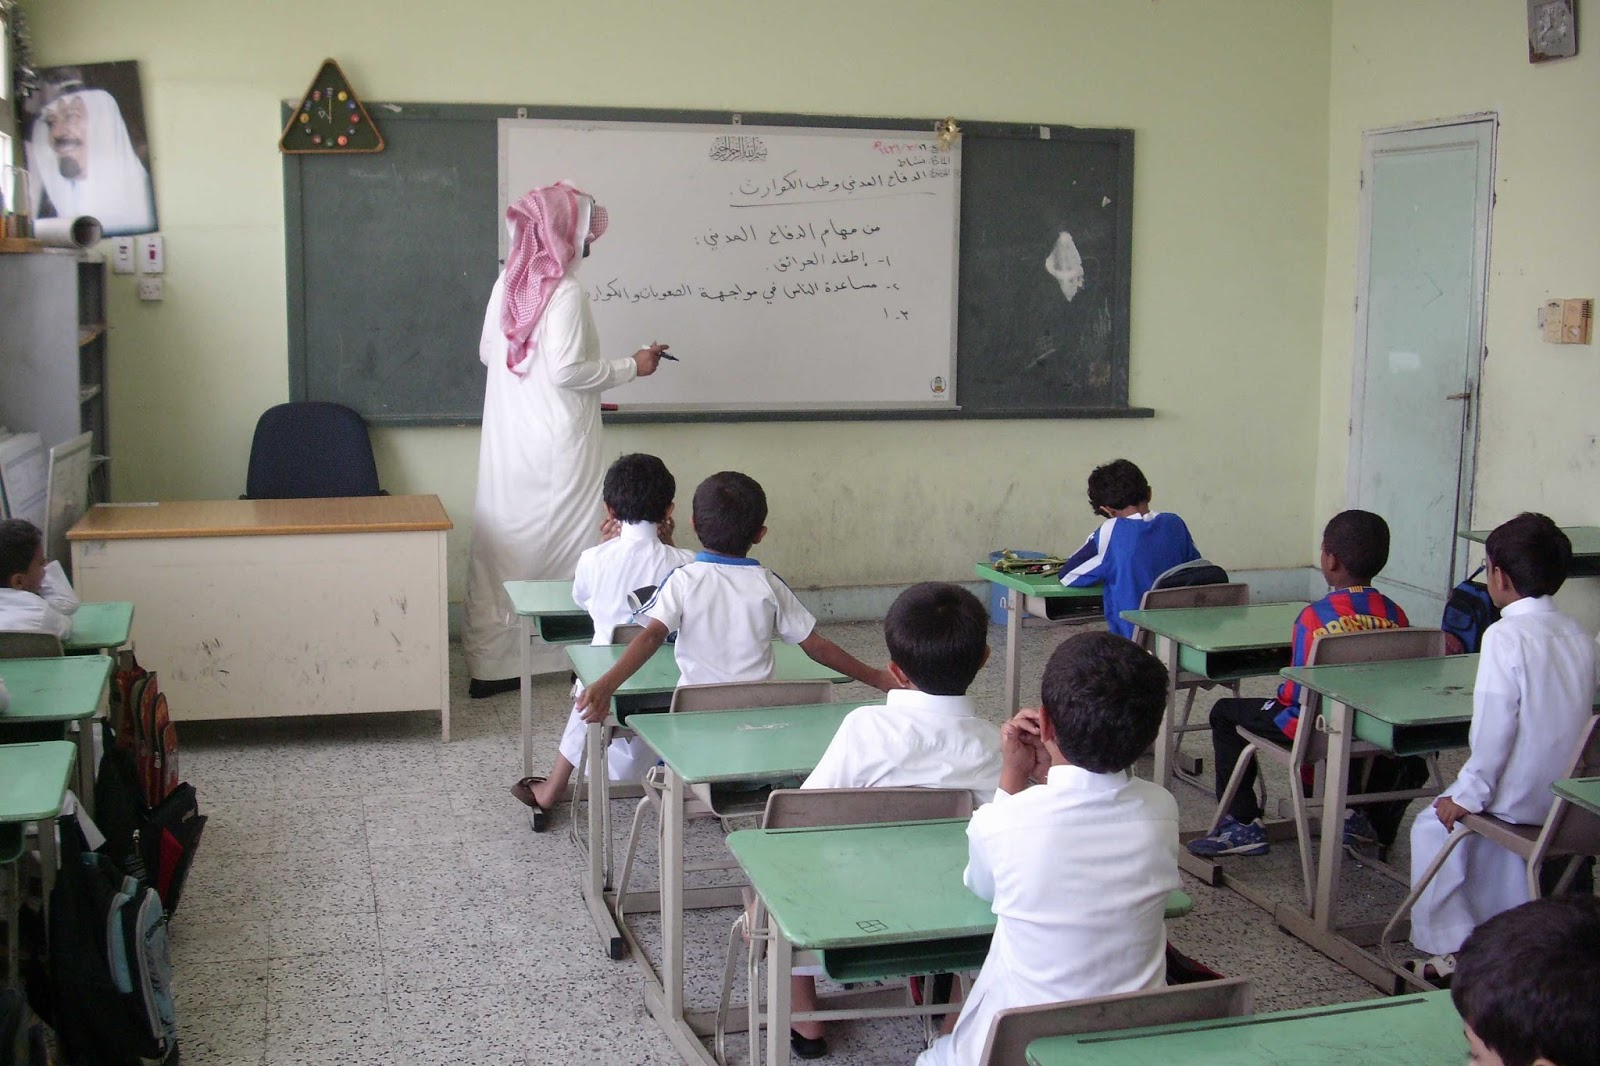 مطلوب عدد من المعلمين للعمل في مدارس بالسعودية